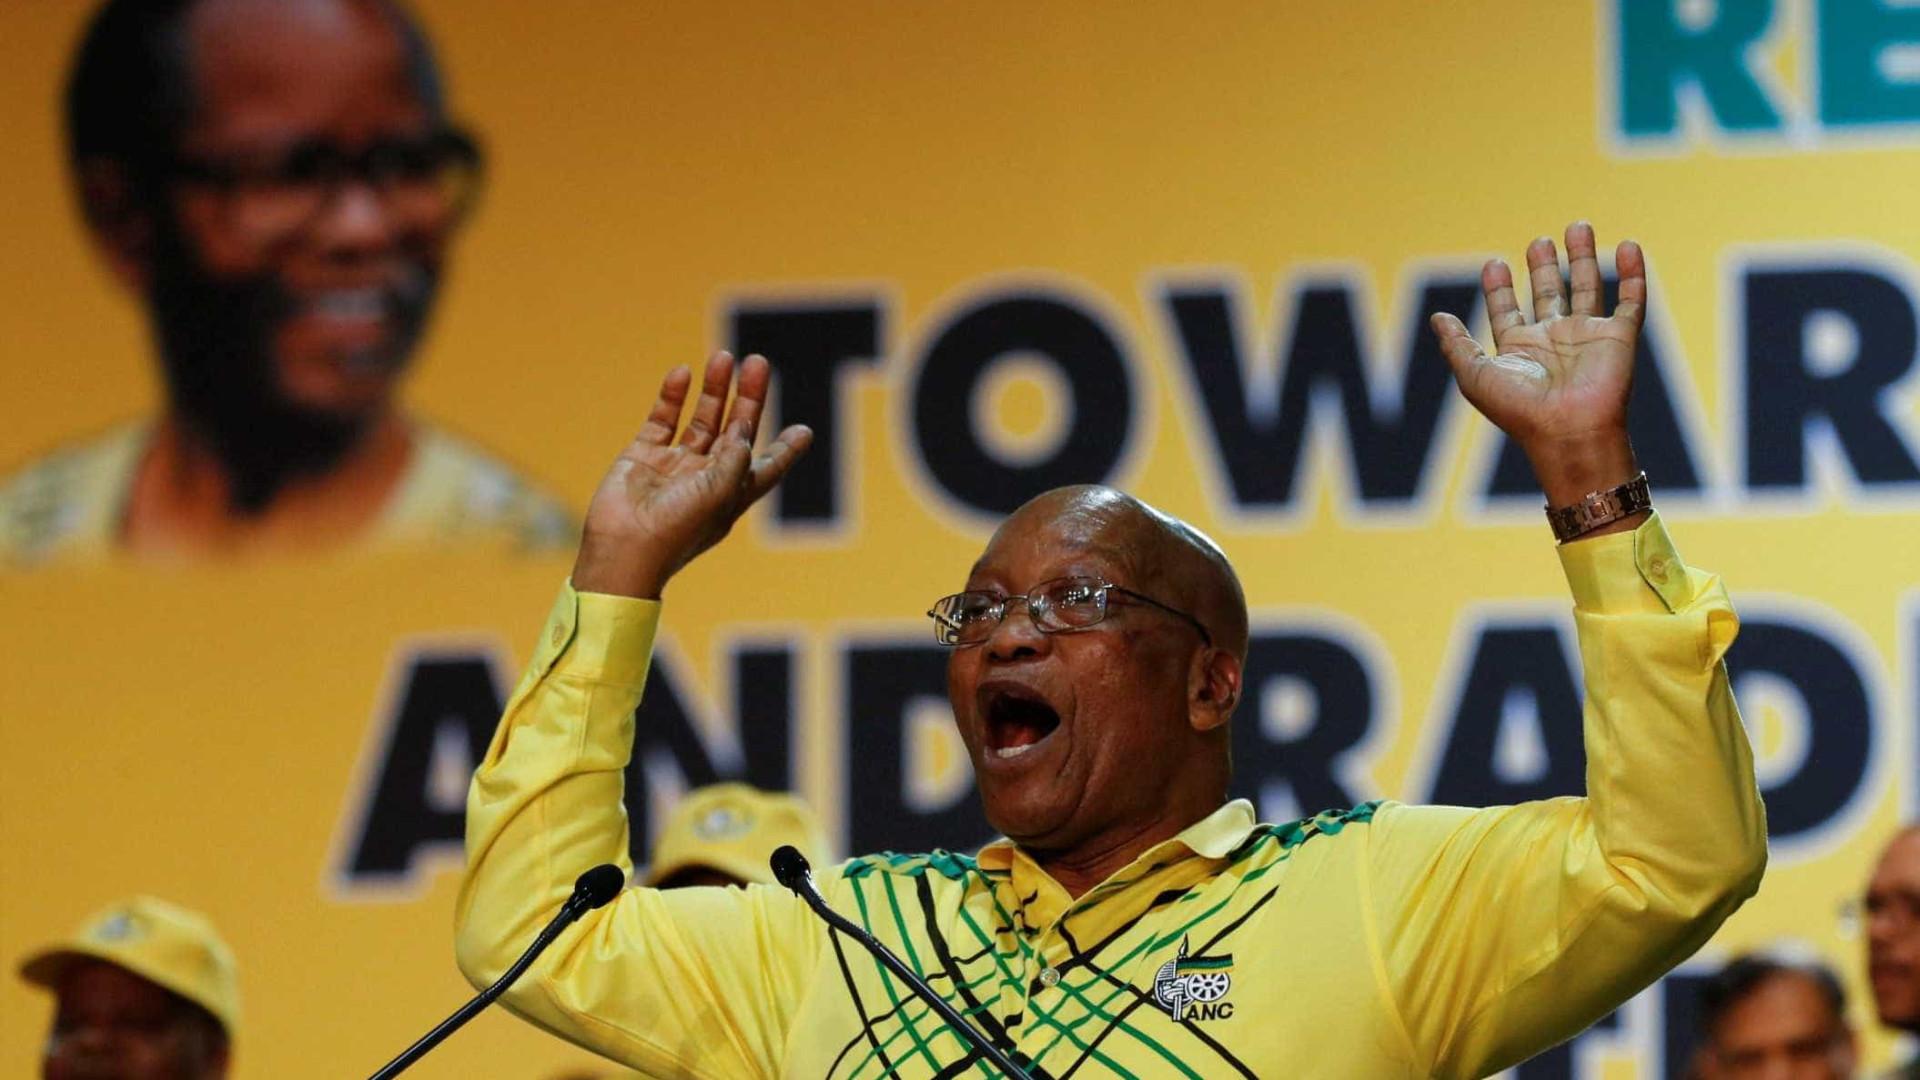 Parlamento adia discurso do presidente e pressão por renúncia aumenta